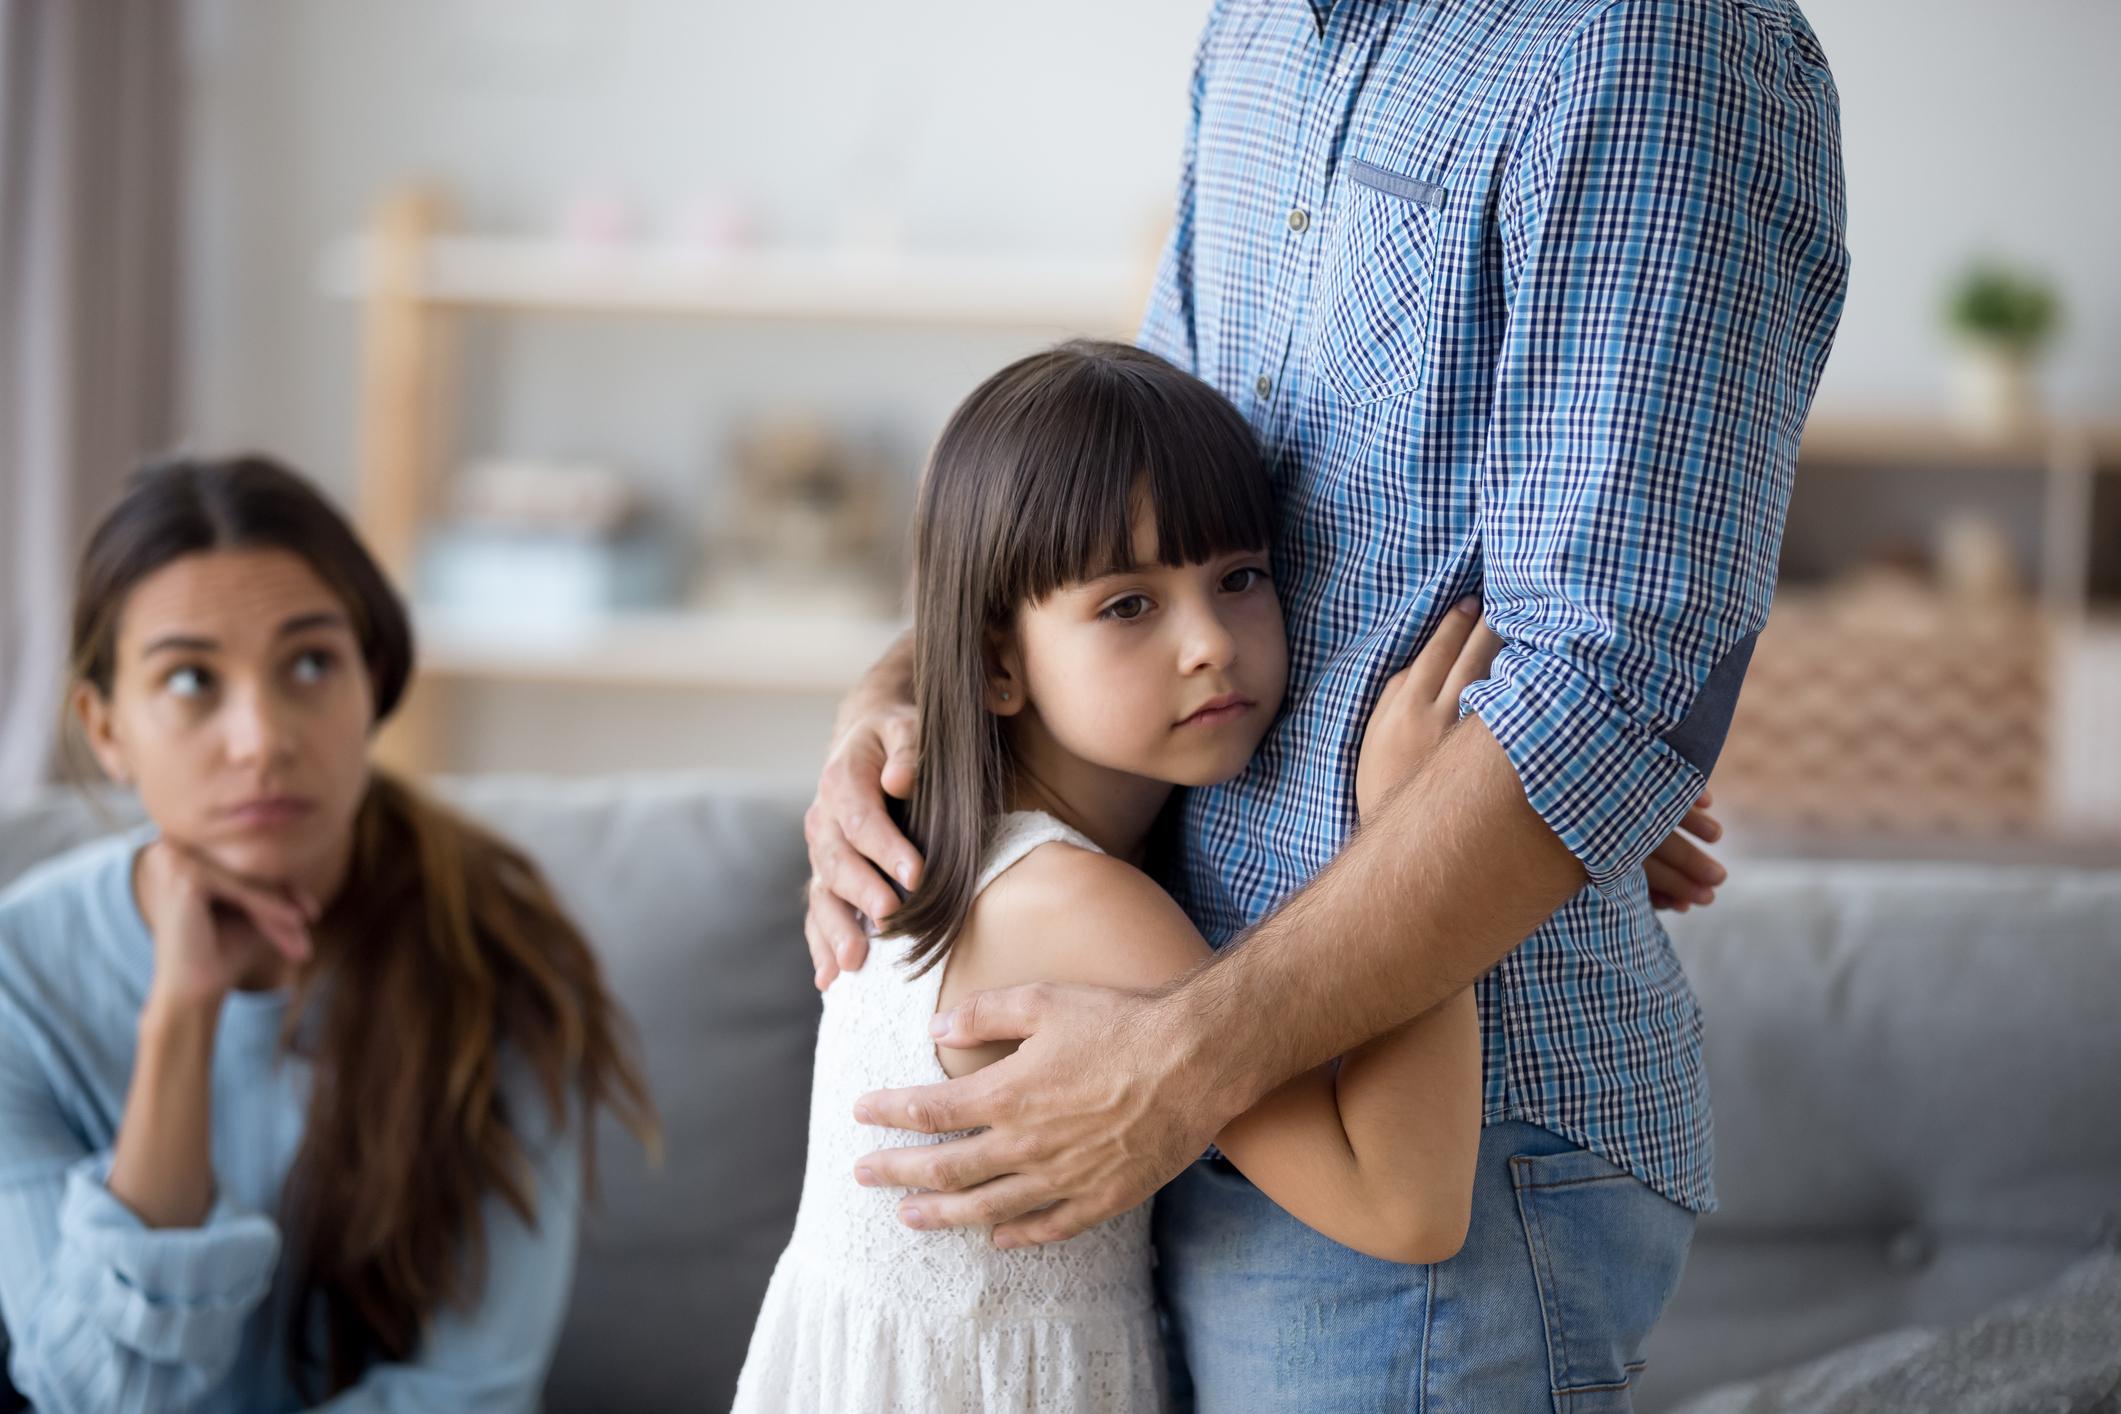 una-app-permite-a-familias-separadas-y-divorciadas-mejorar-la-organizacion-y-comunicacion-con-sus-hijos